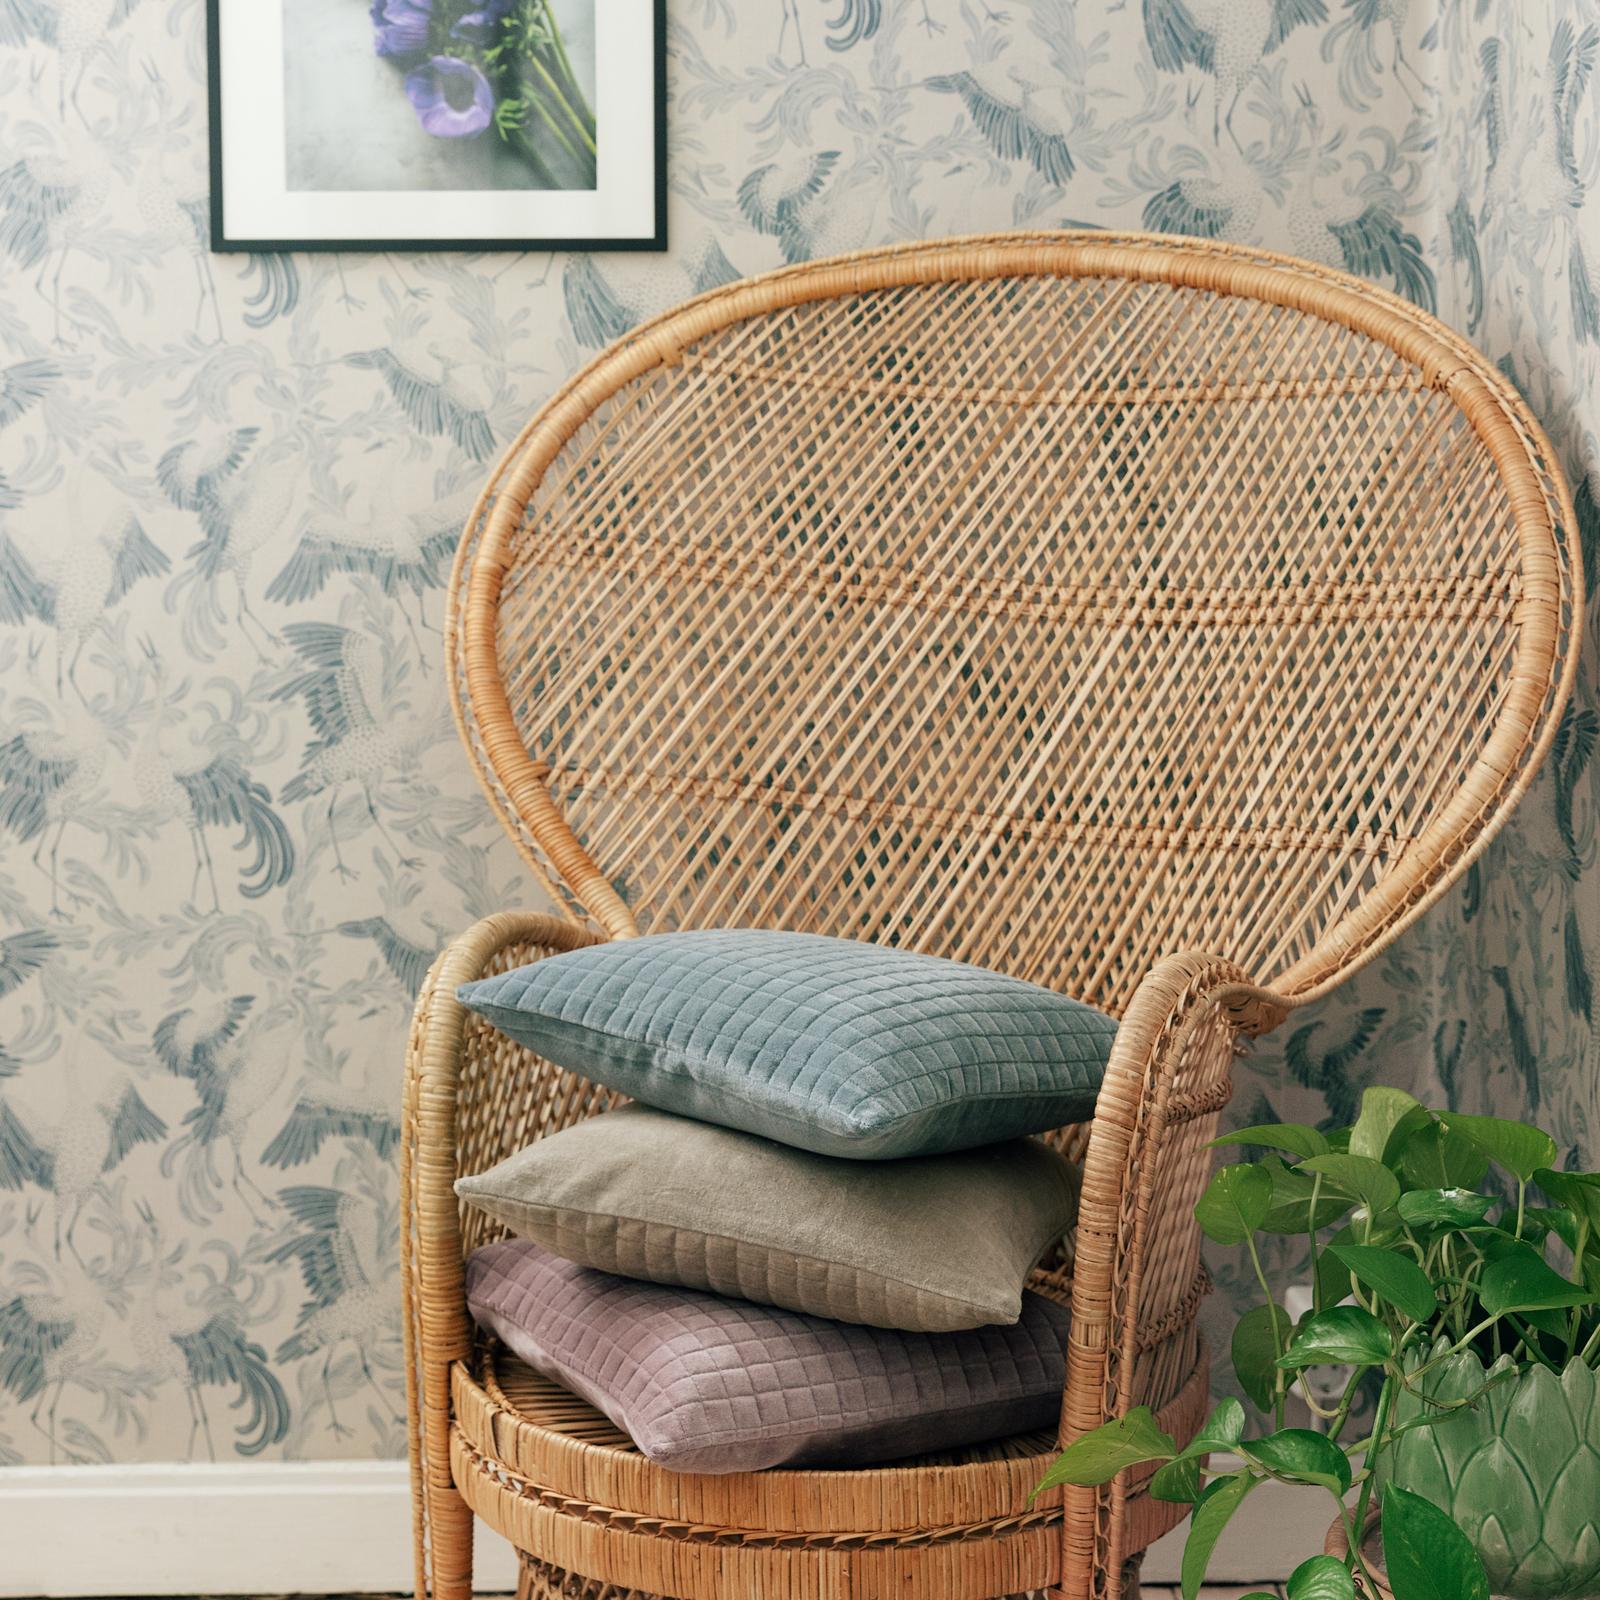 sammetskudde i peacock stol vintagefabriken